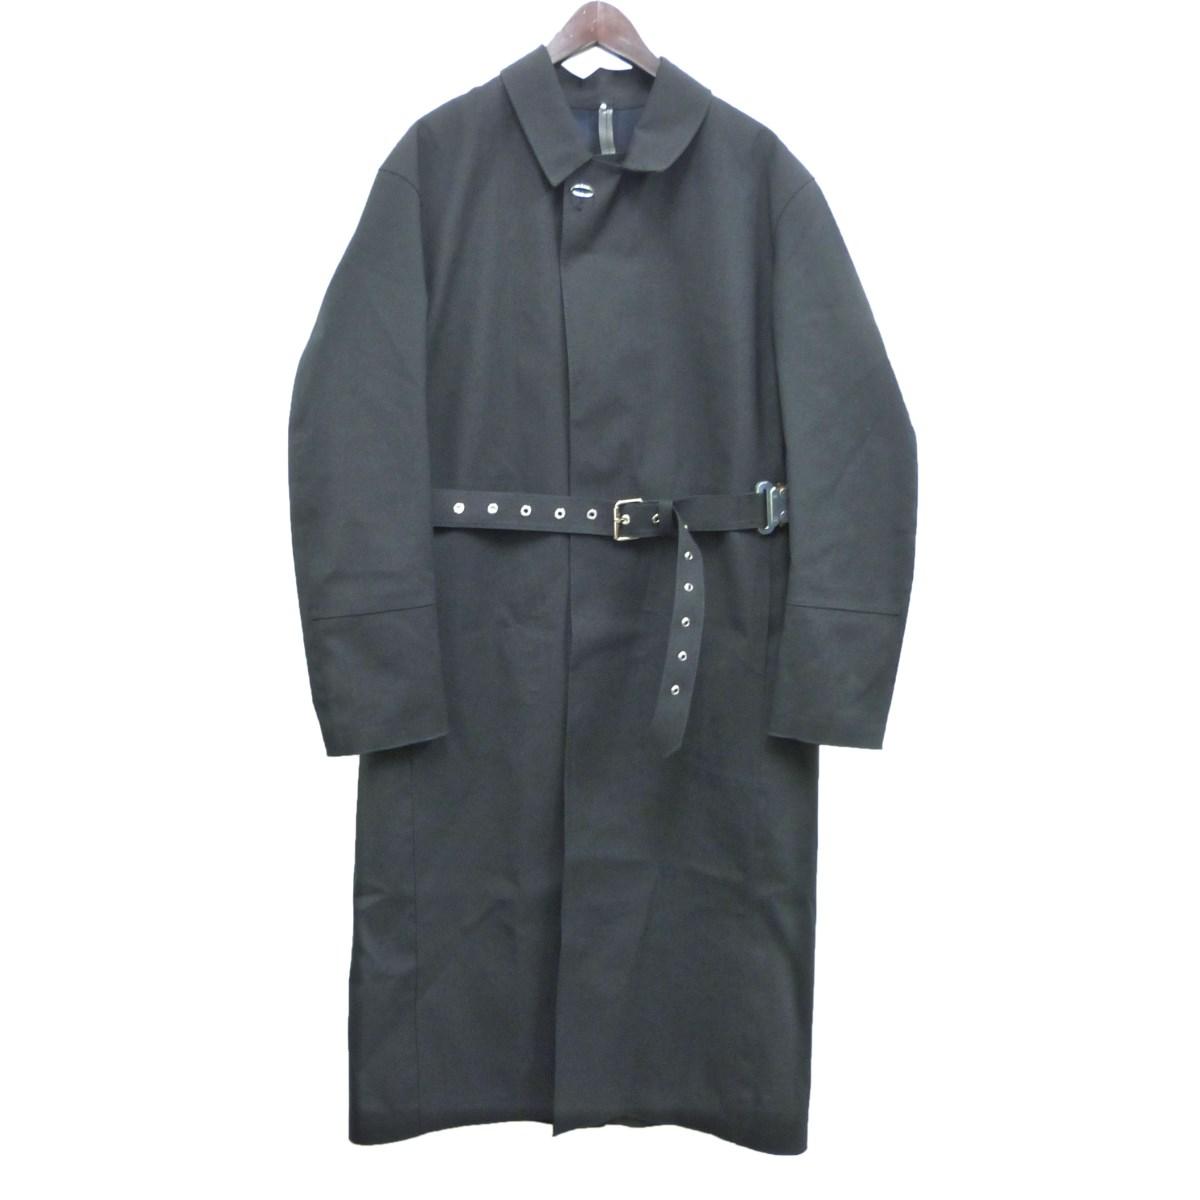 【中古】mackintosh×ALYX ステンカラーコート ブラック サイズ:M 【270420】(マッキントッシュ×アリクス)